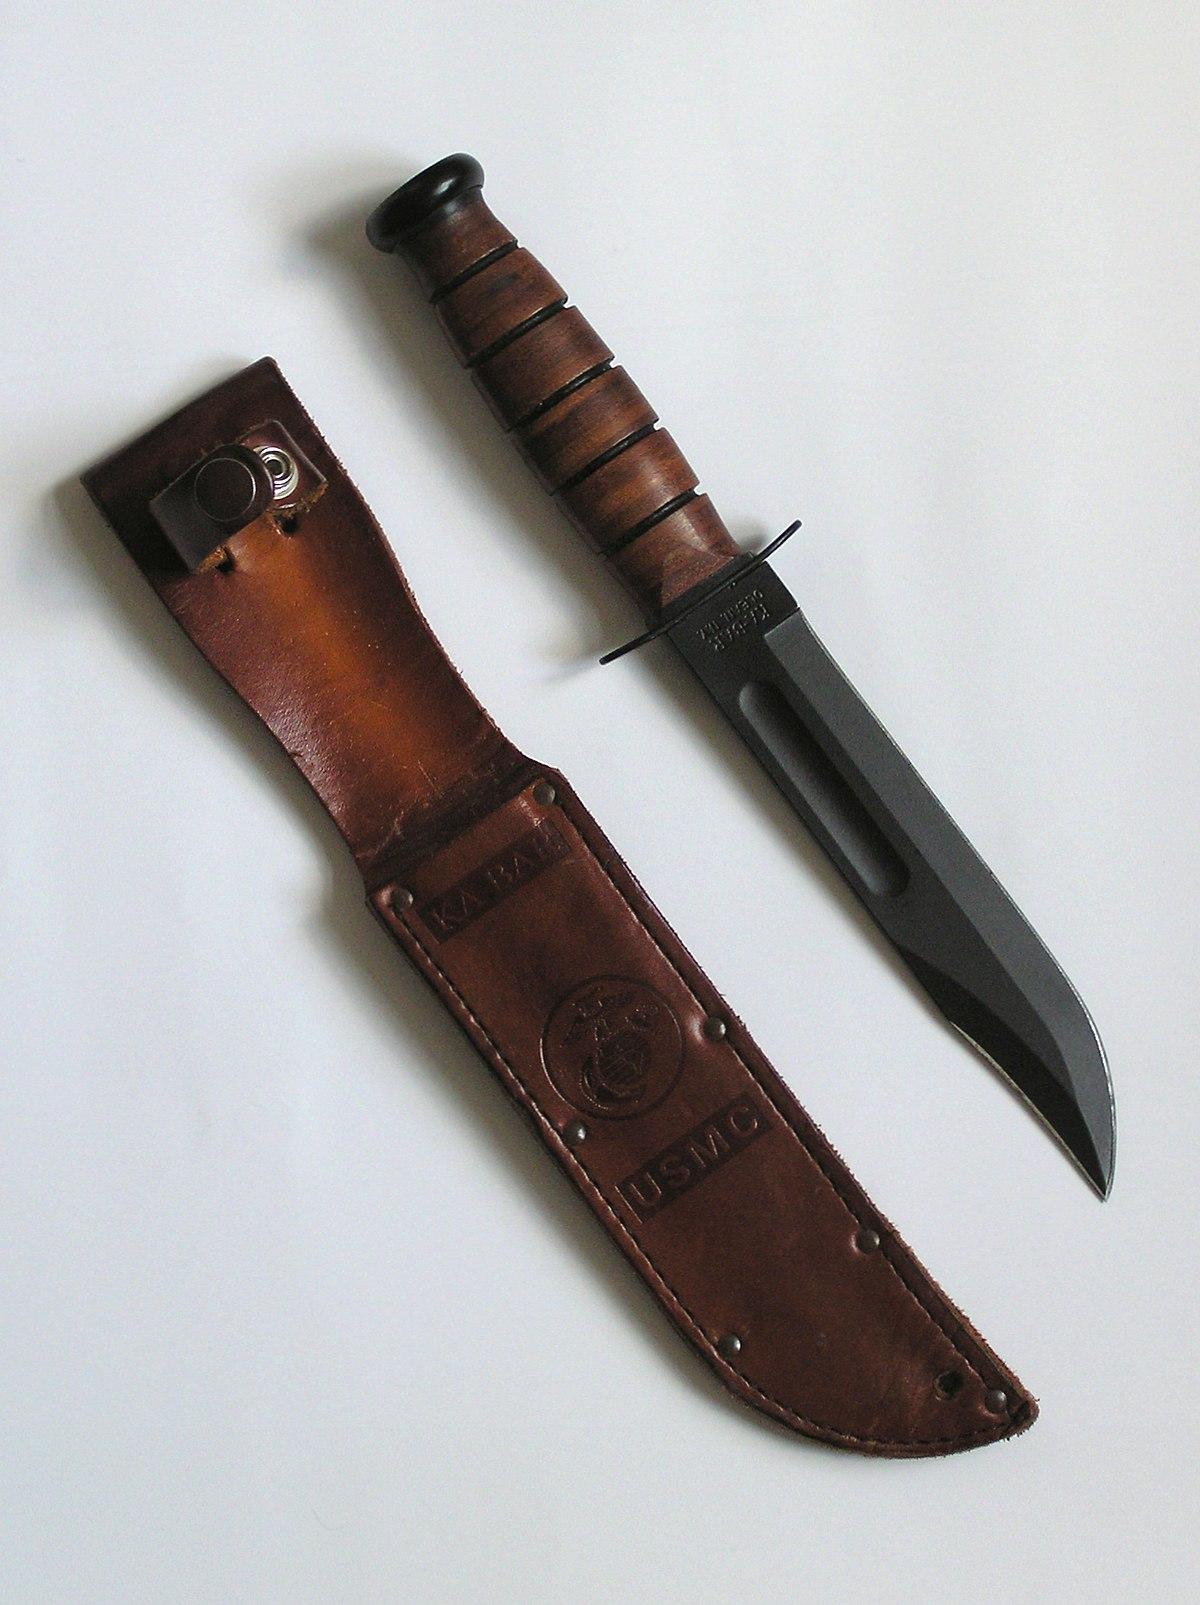 Combat knife - Wikipedia